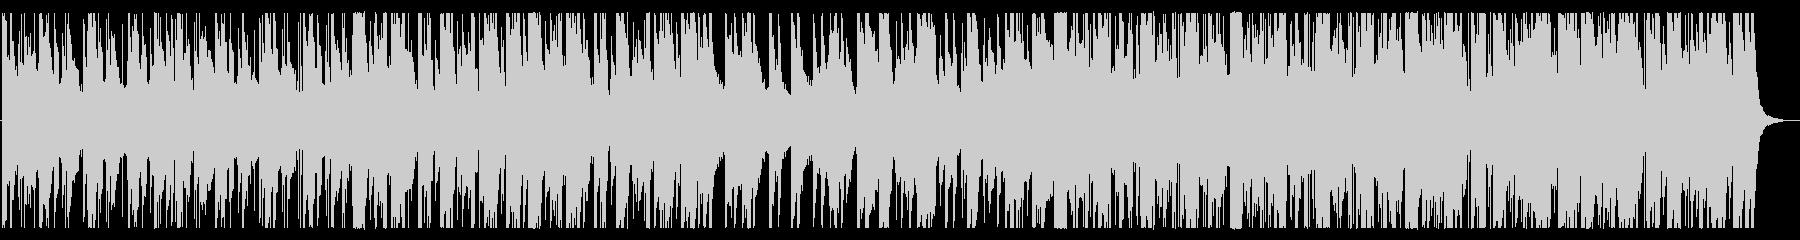 ピアノ/シンプル/R&B_No443_3の未再生の波形